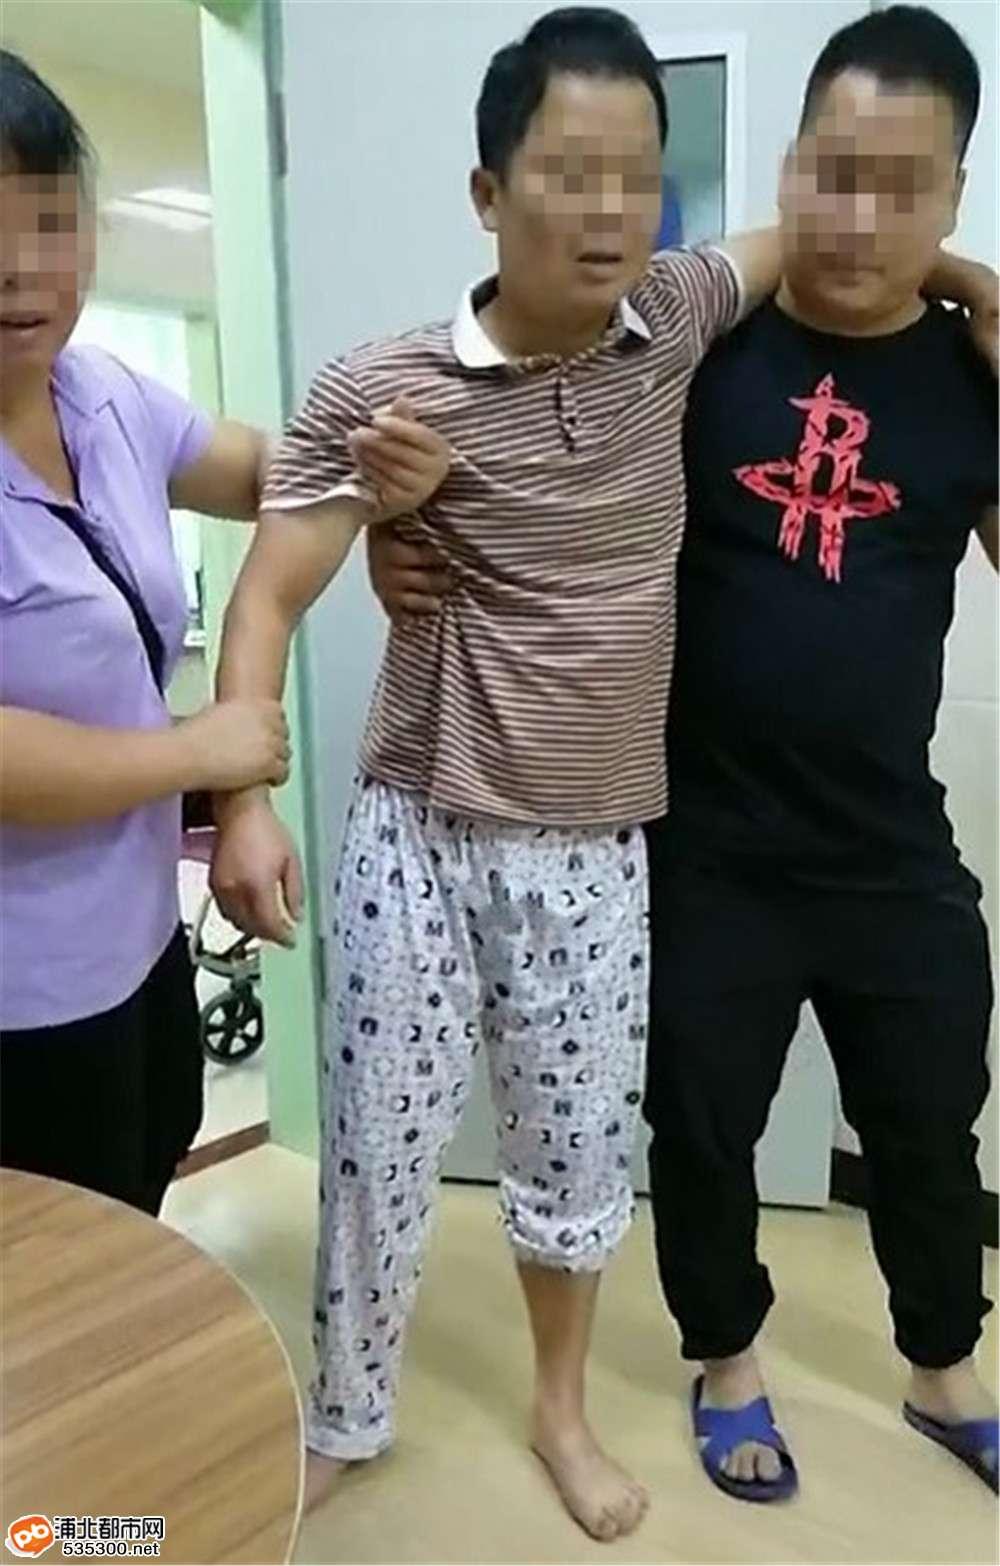 龙门何先生患病多年,转多院治疗未果,中医妙手帮了他~